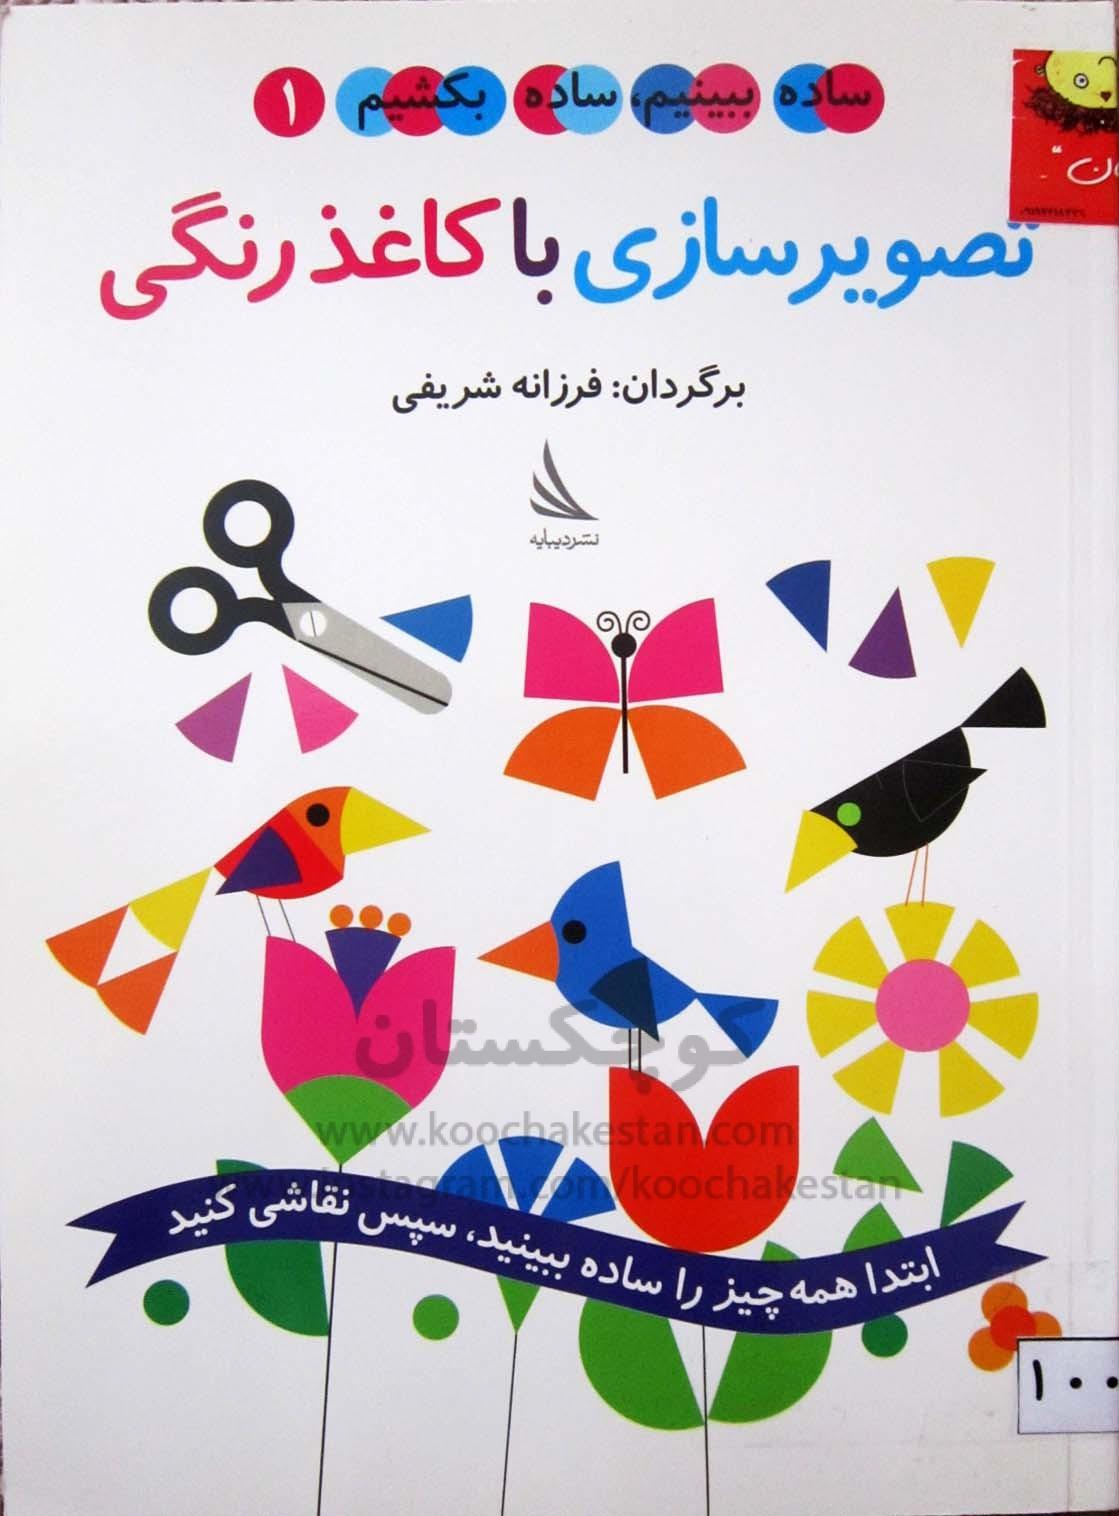 تصویرسازی با کاغذ رنگی - کتابخانه کودک - کوچکستان